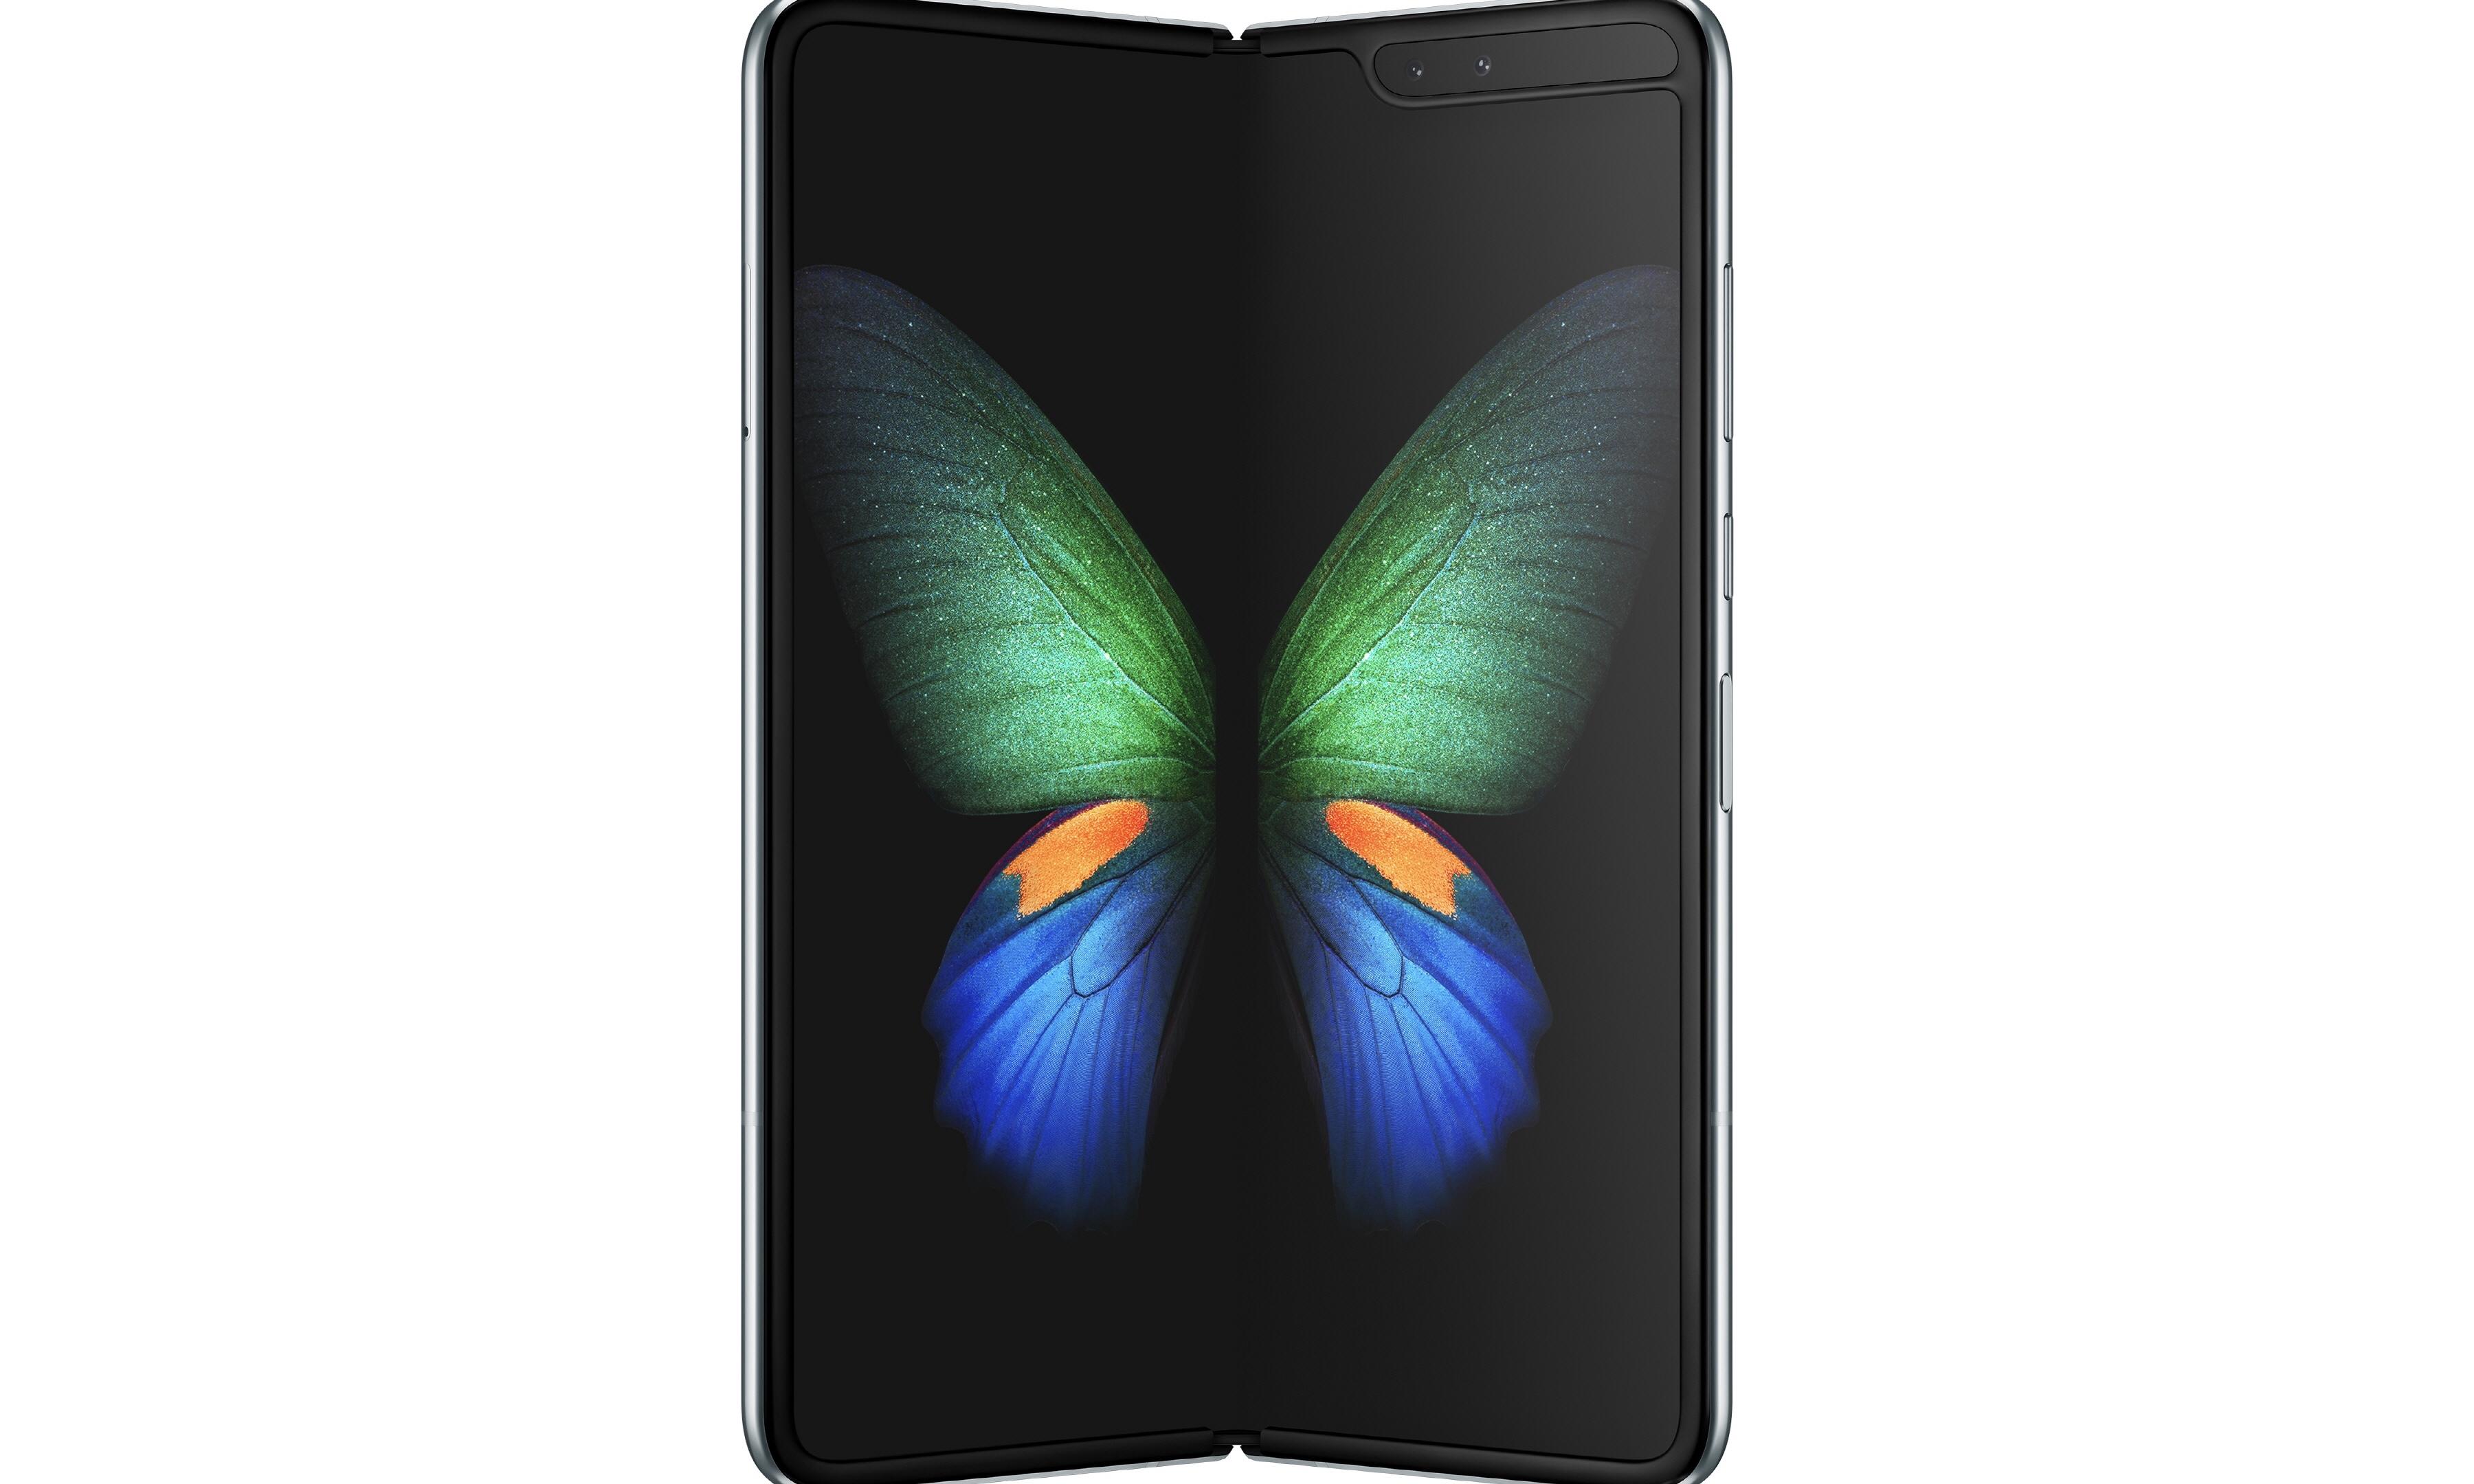 惊艳设计!Samsung 全球首发量产折叠屏手机